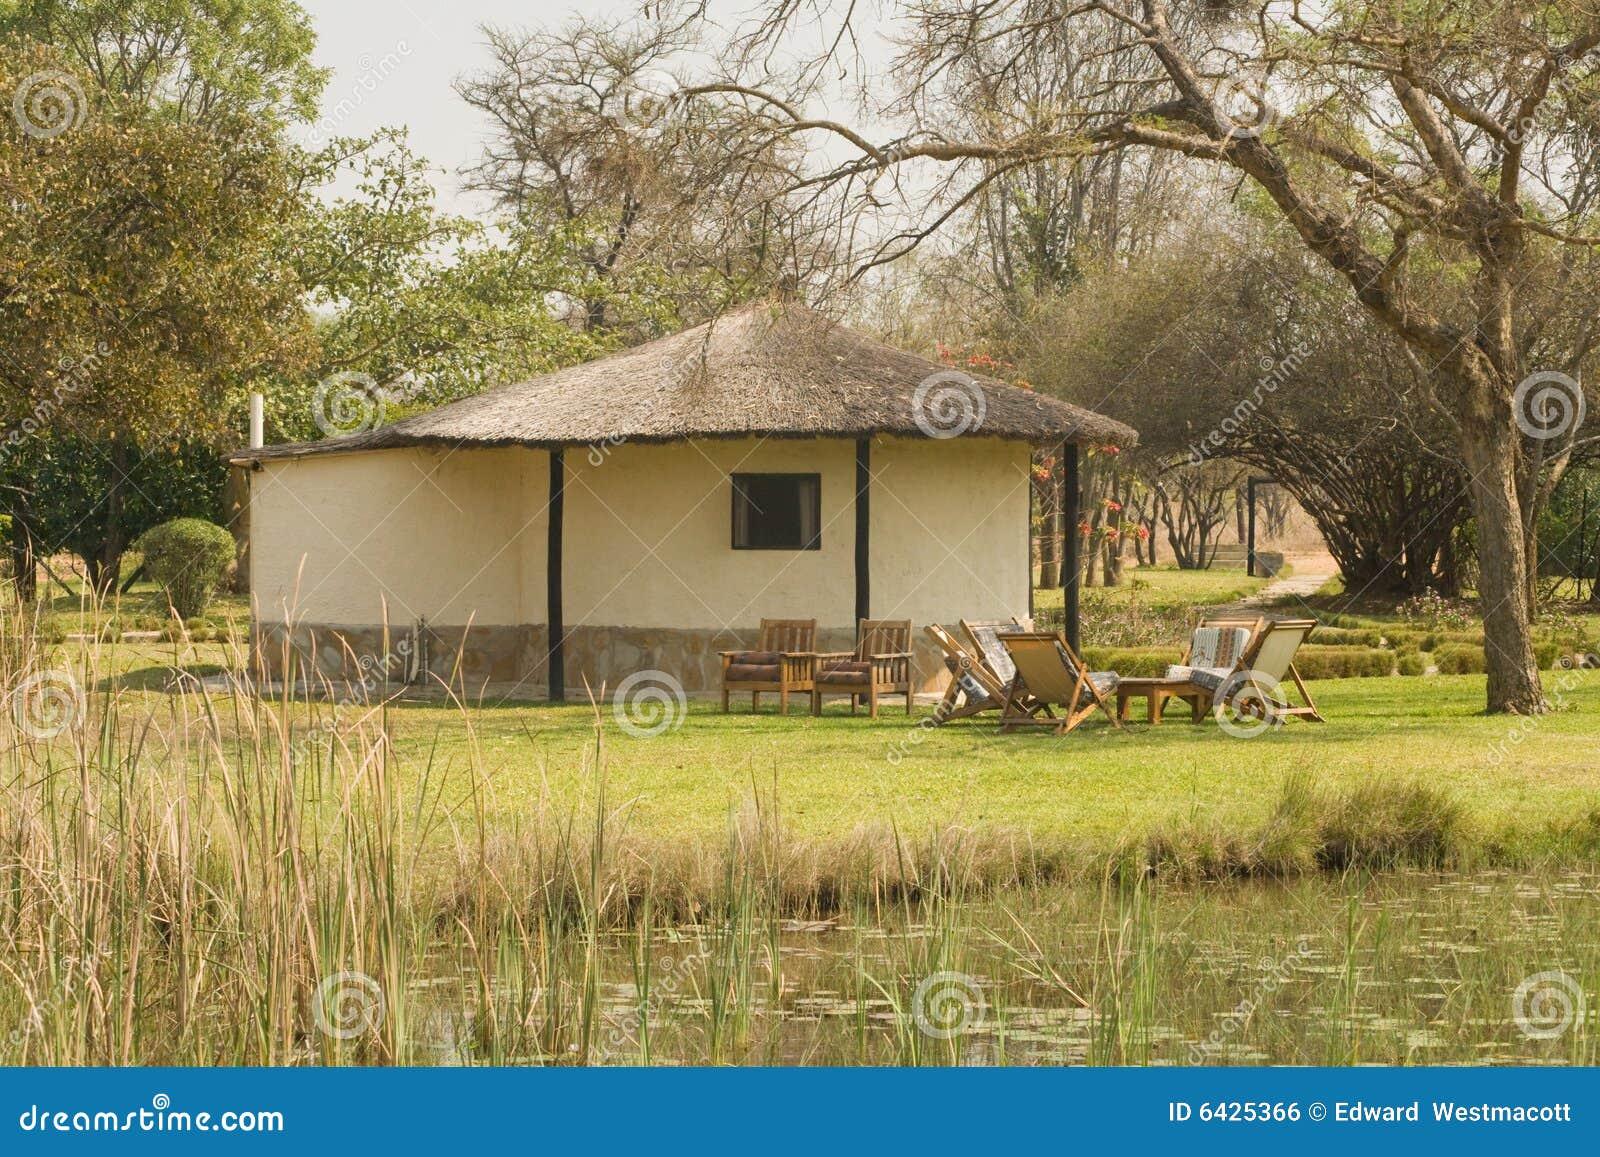 Afrique maison pelouse rural home africain